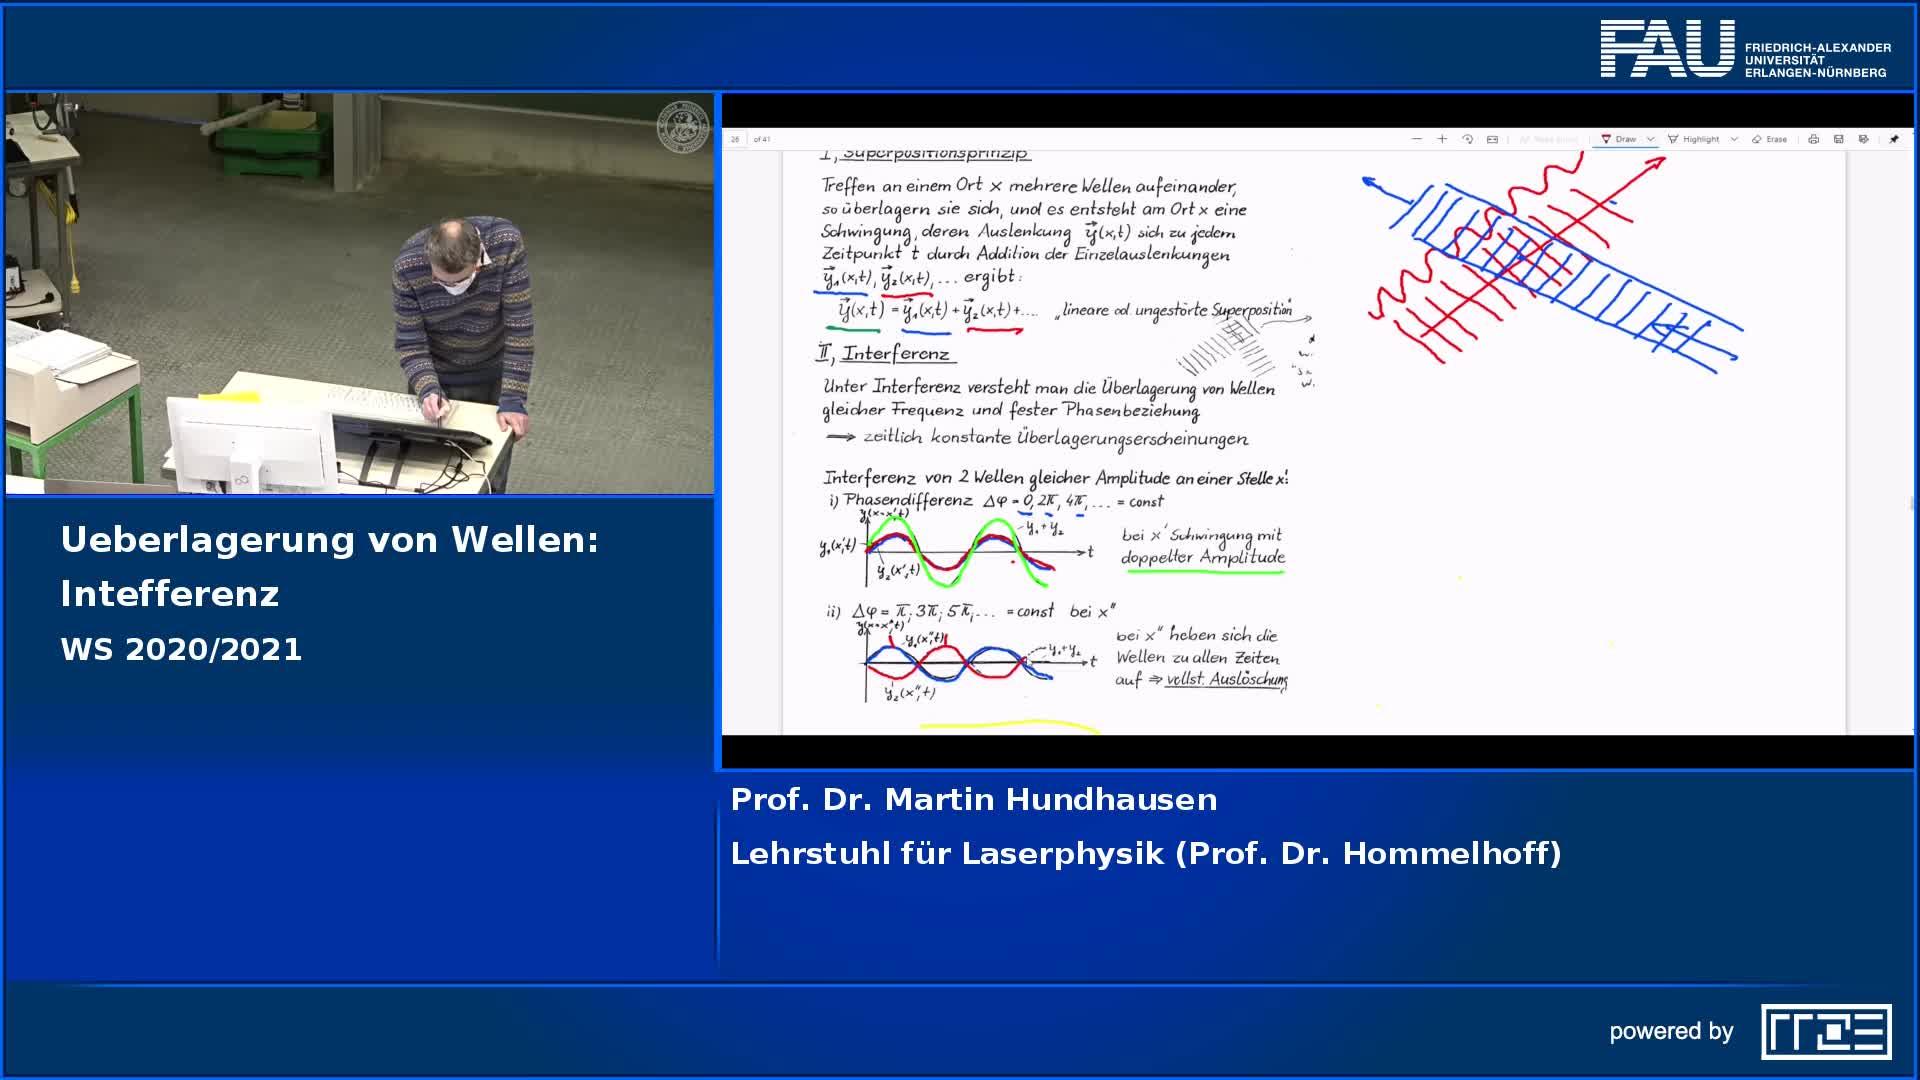 Überlagerung von Wellen: Interferenz preview image